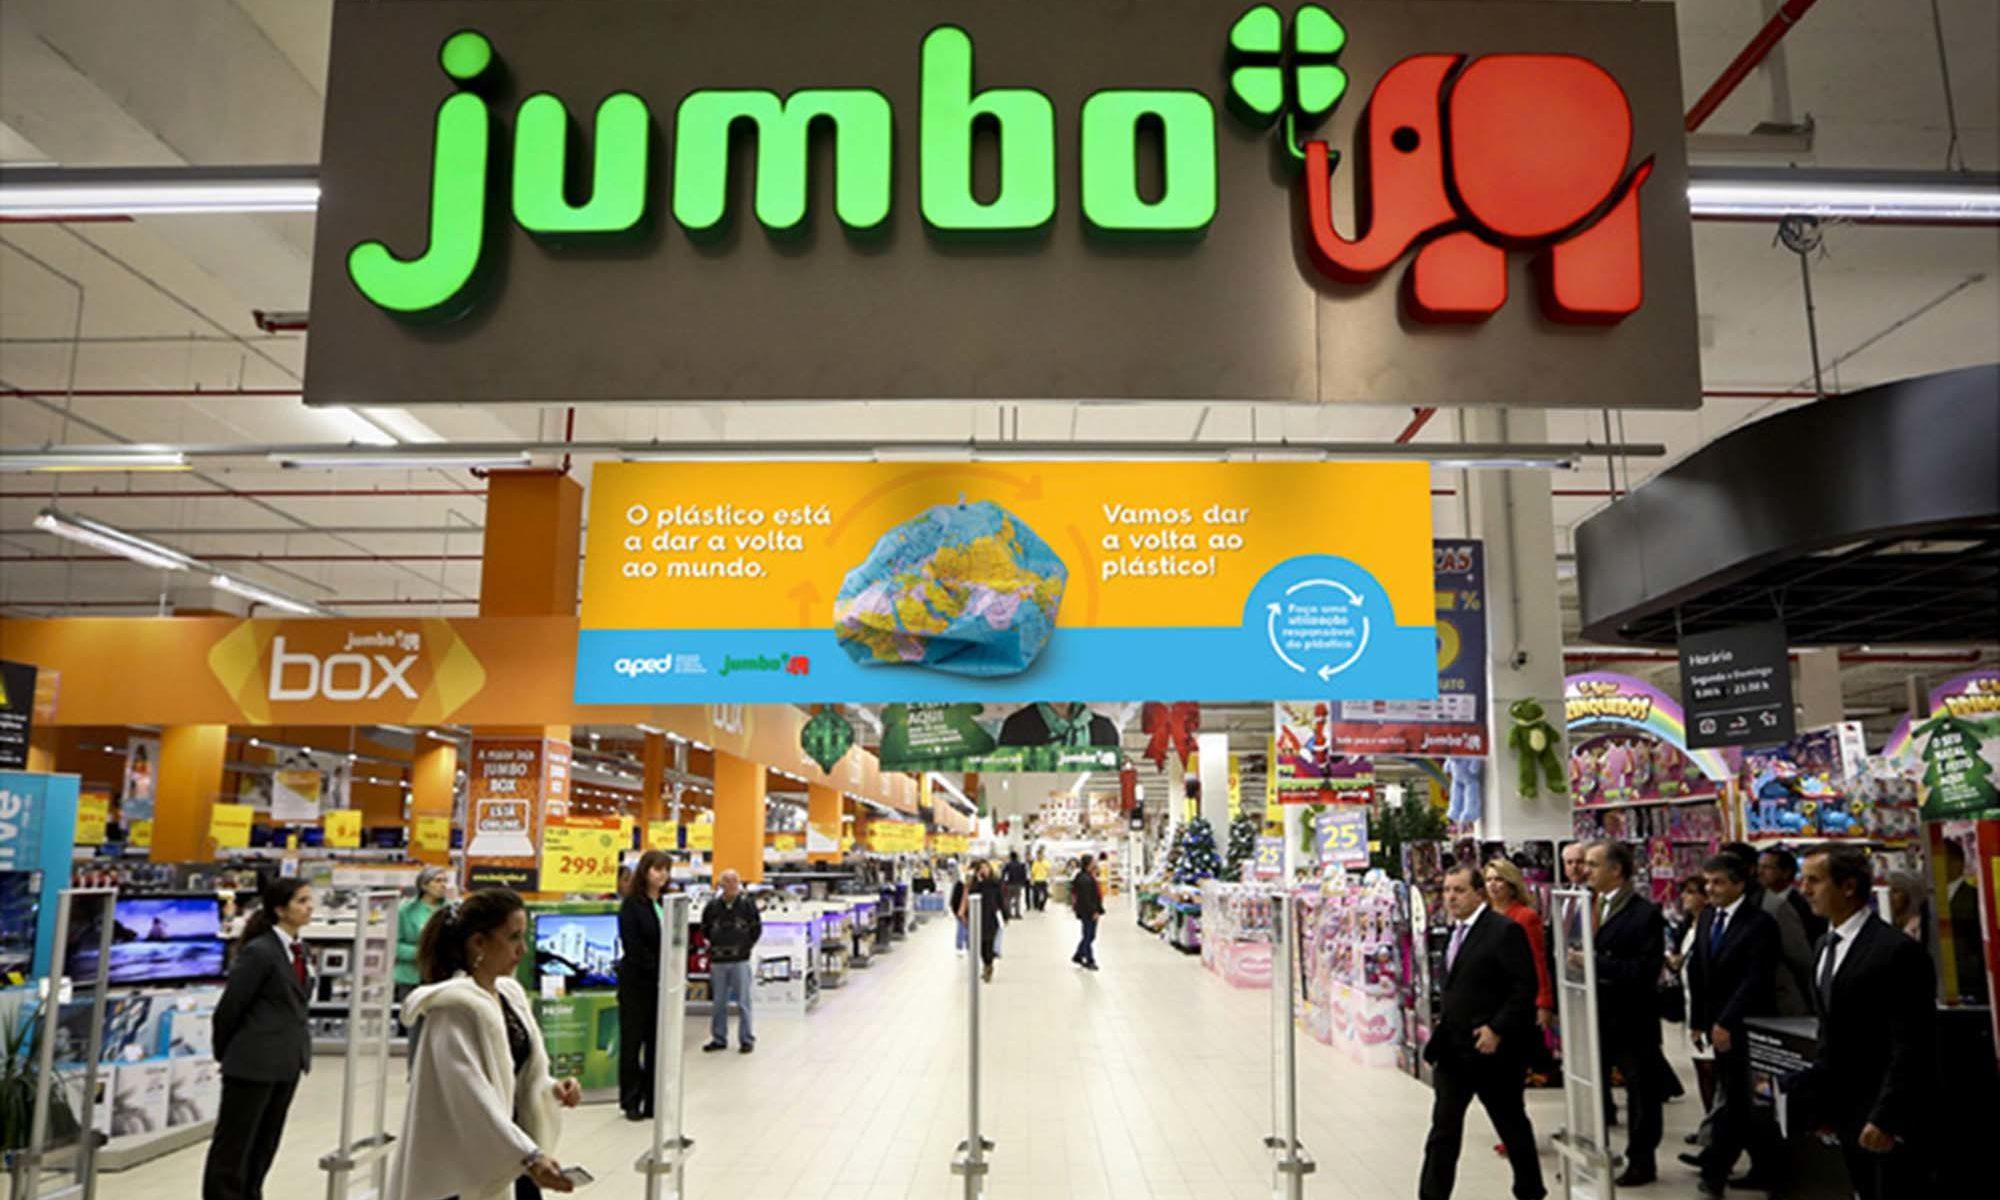 Vegane Produkte bei Jumbo in Portugal